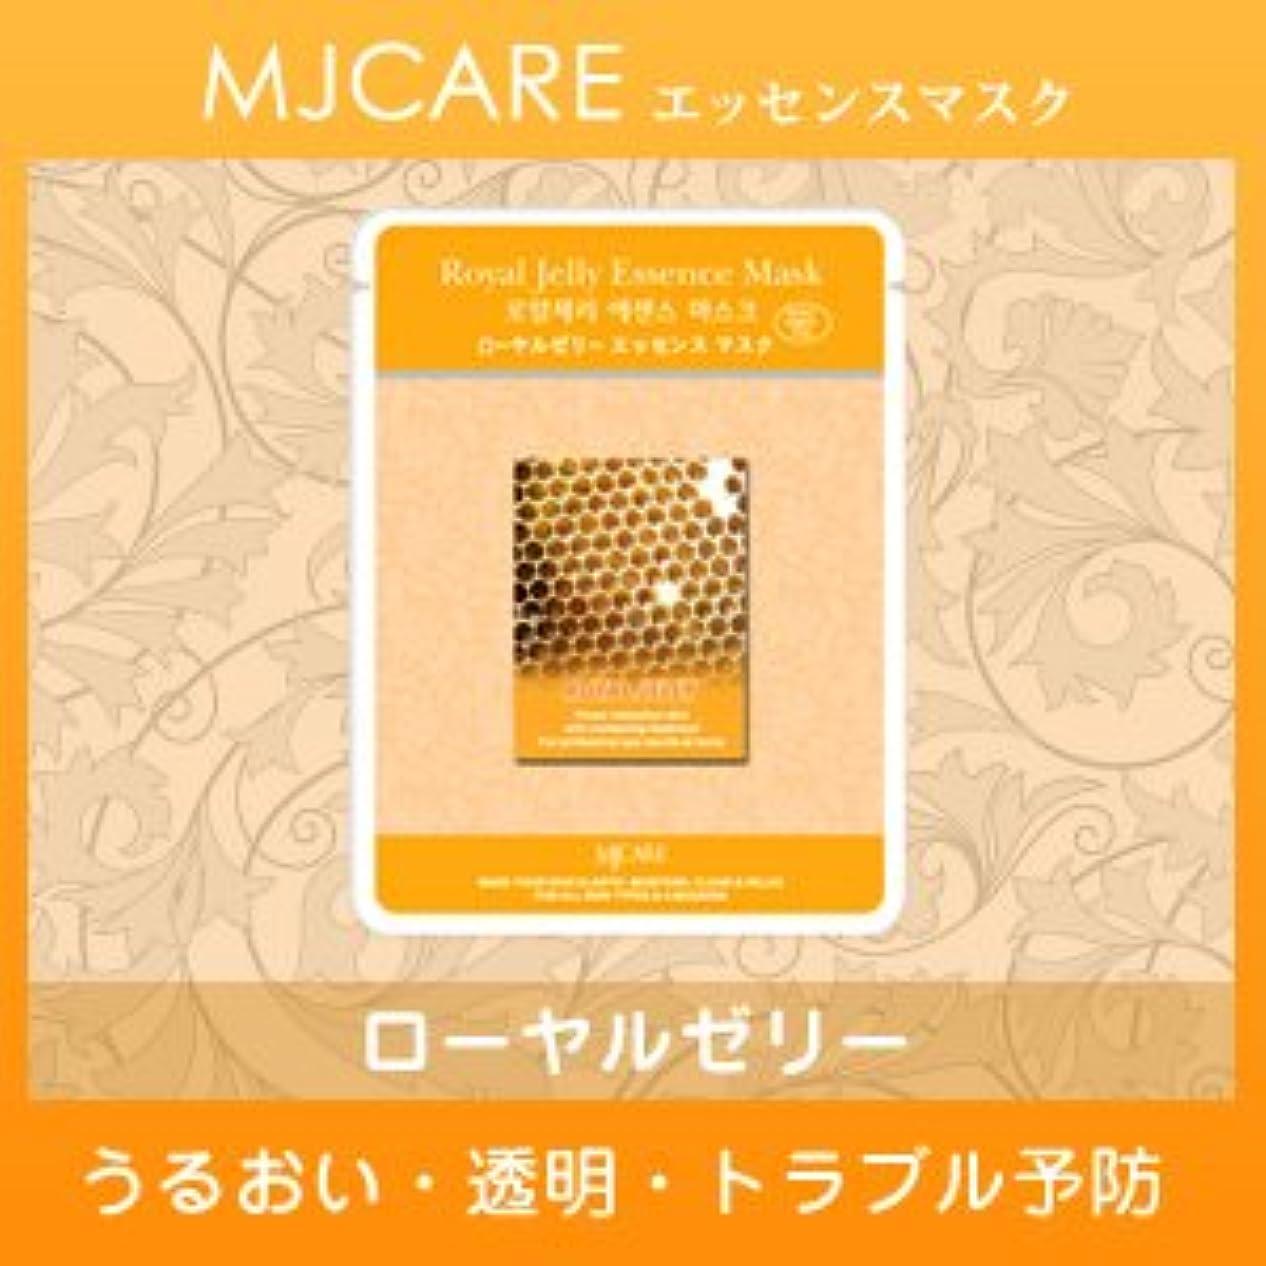 MJCARE (エムジェイケア) ローヤルゼリー エッセンスマスク